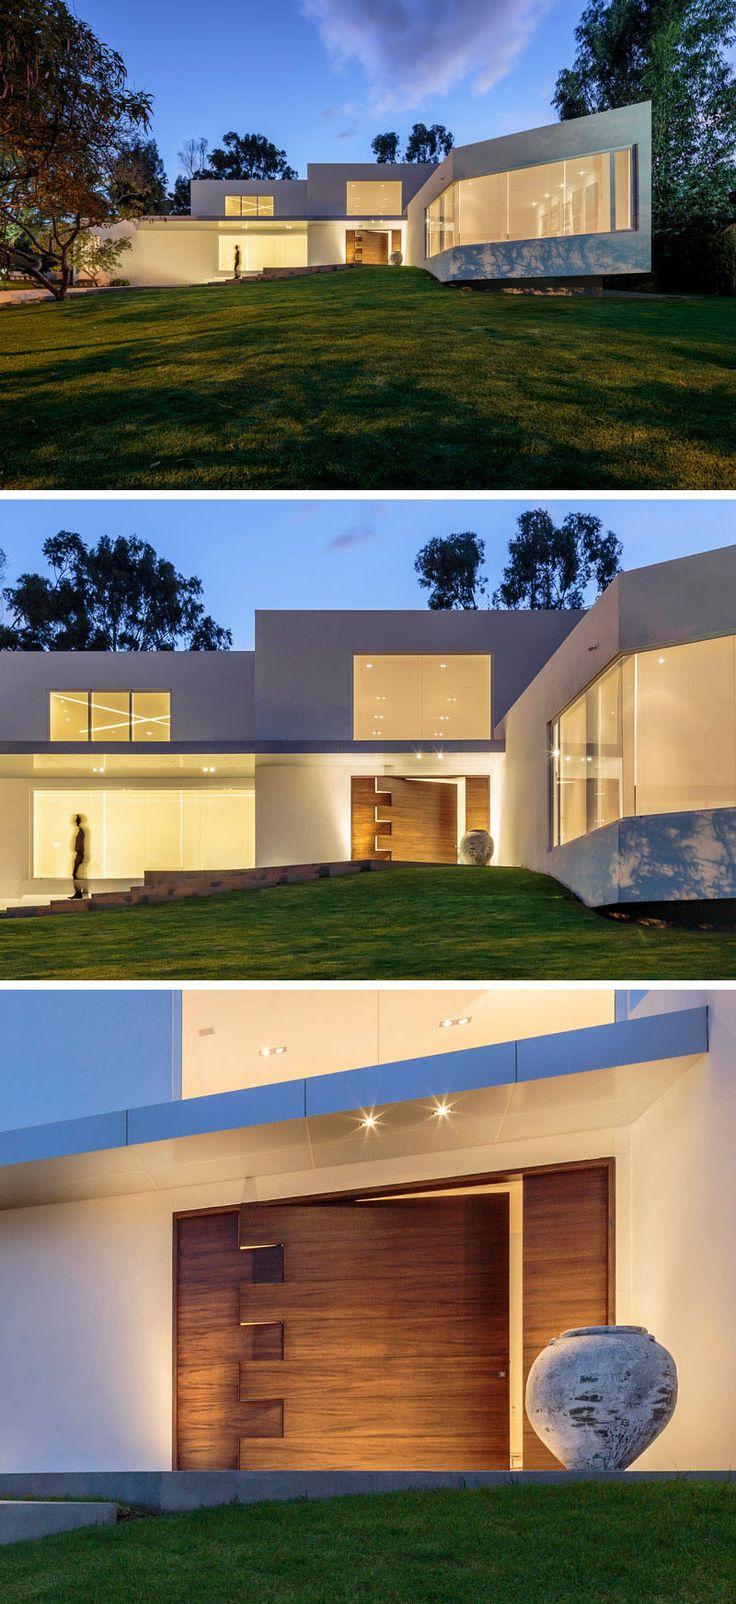 Oltre 25 fantastiche idee su case moderne su pinterest for Case moderne e strette